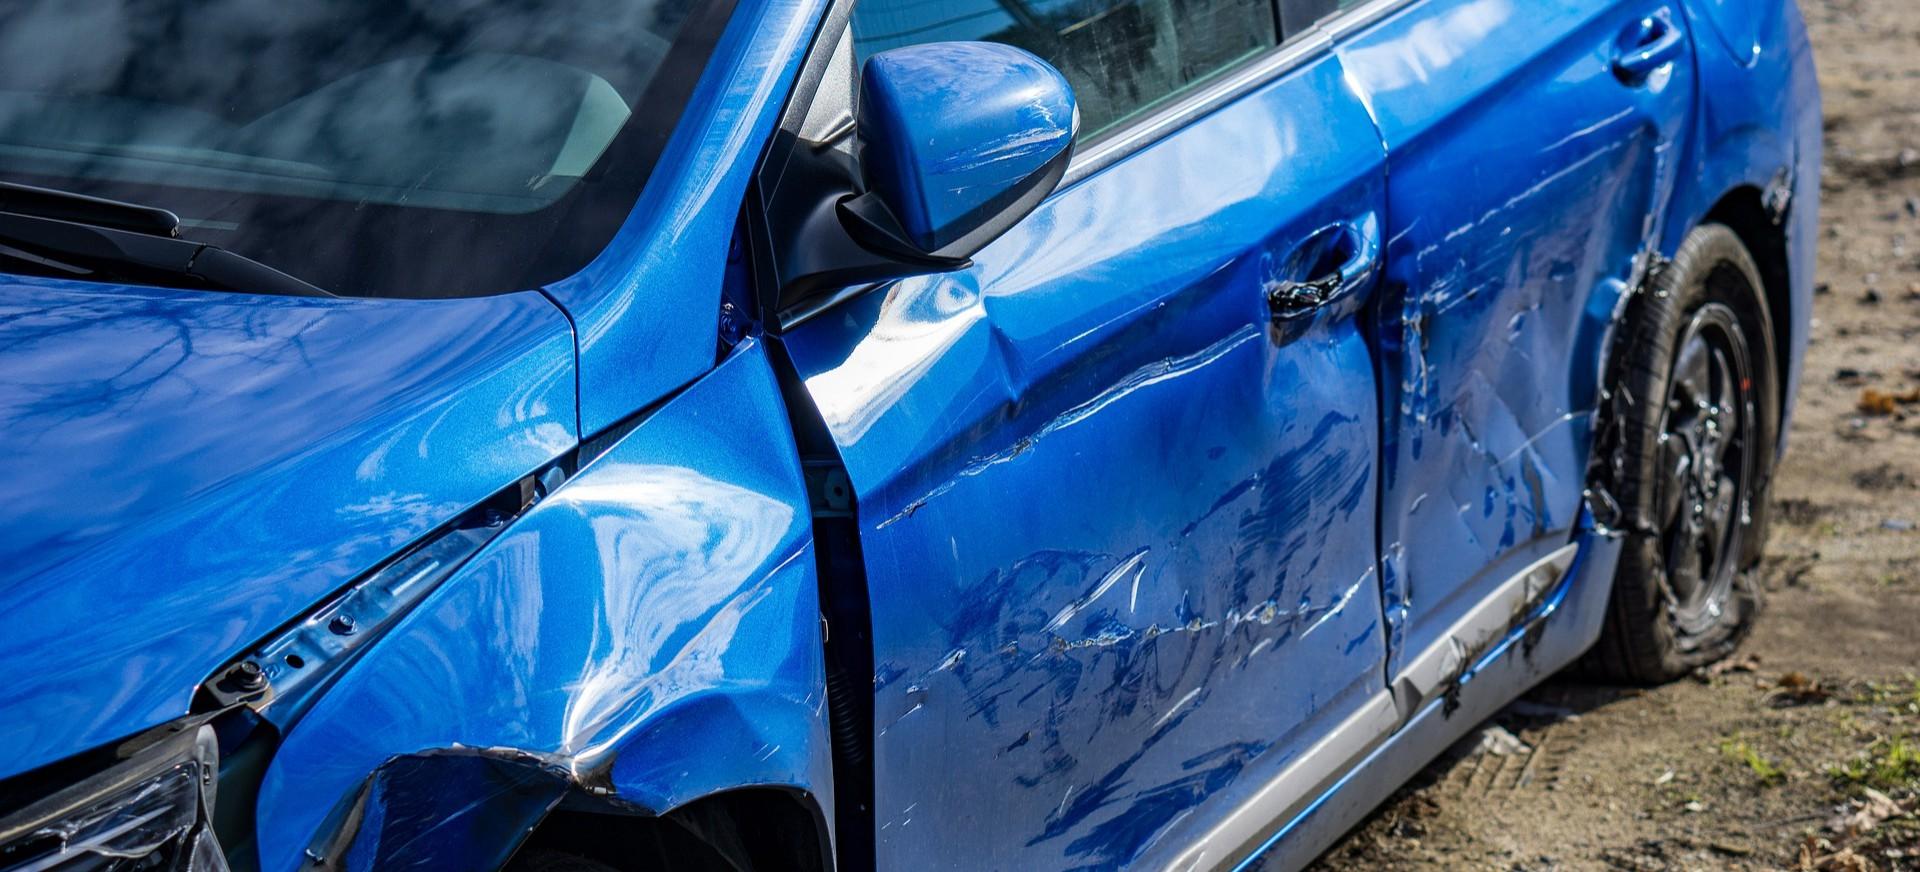 JASIENICA ROSIELNA: Uszkodził przypadkowy samochód. Myślał, że wewnątrz jest jego dziewczyna